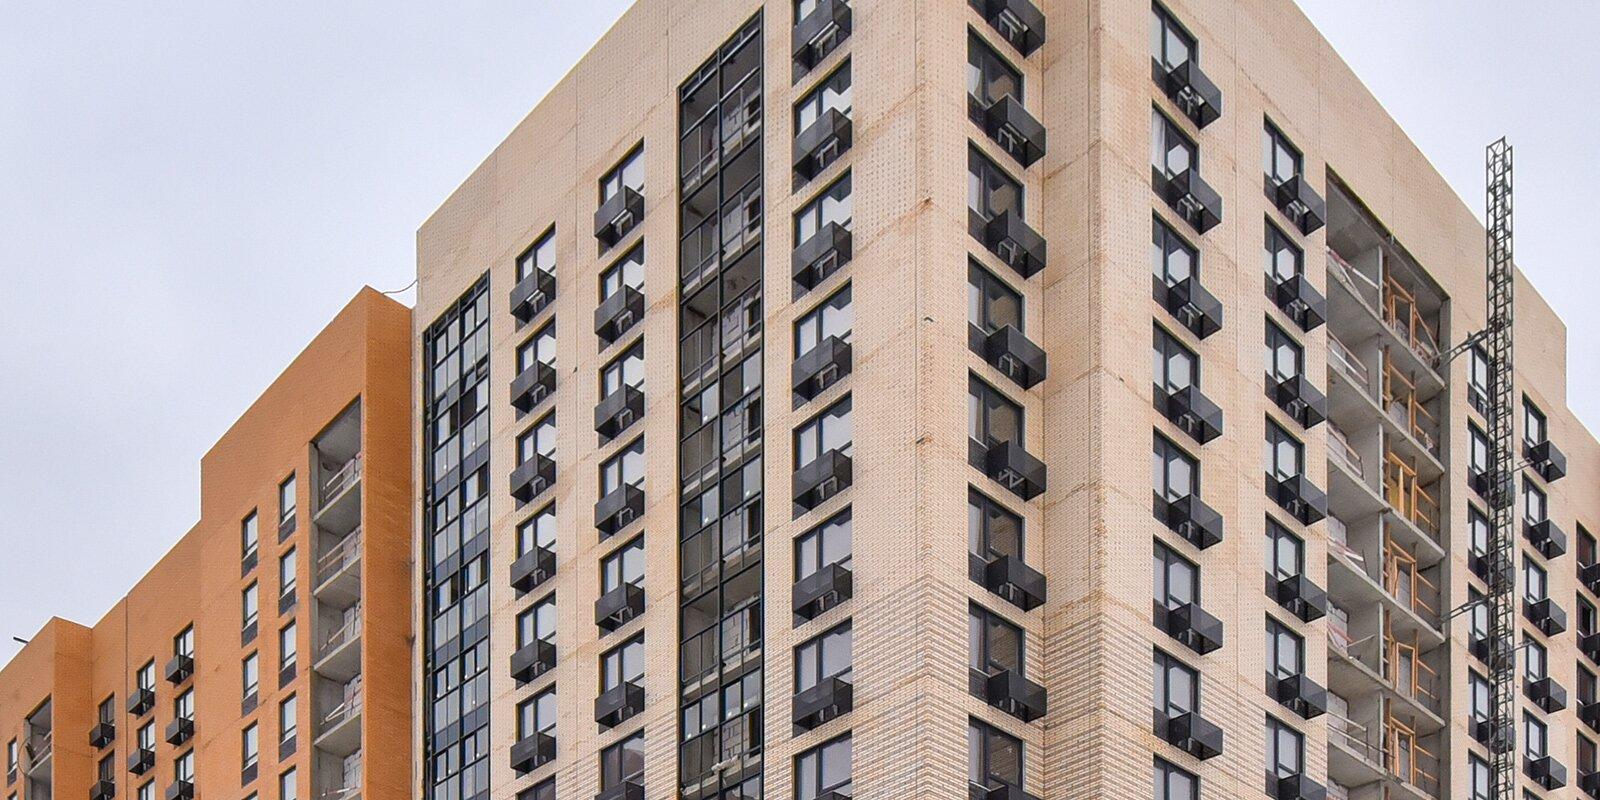 Более 500 жителей Измайлова переезжают в новые квартиры по программе реновации